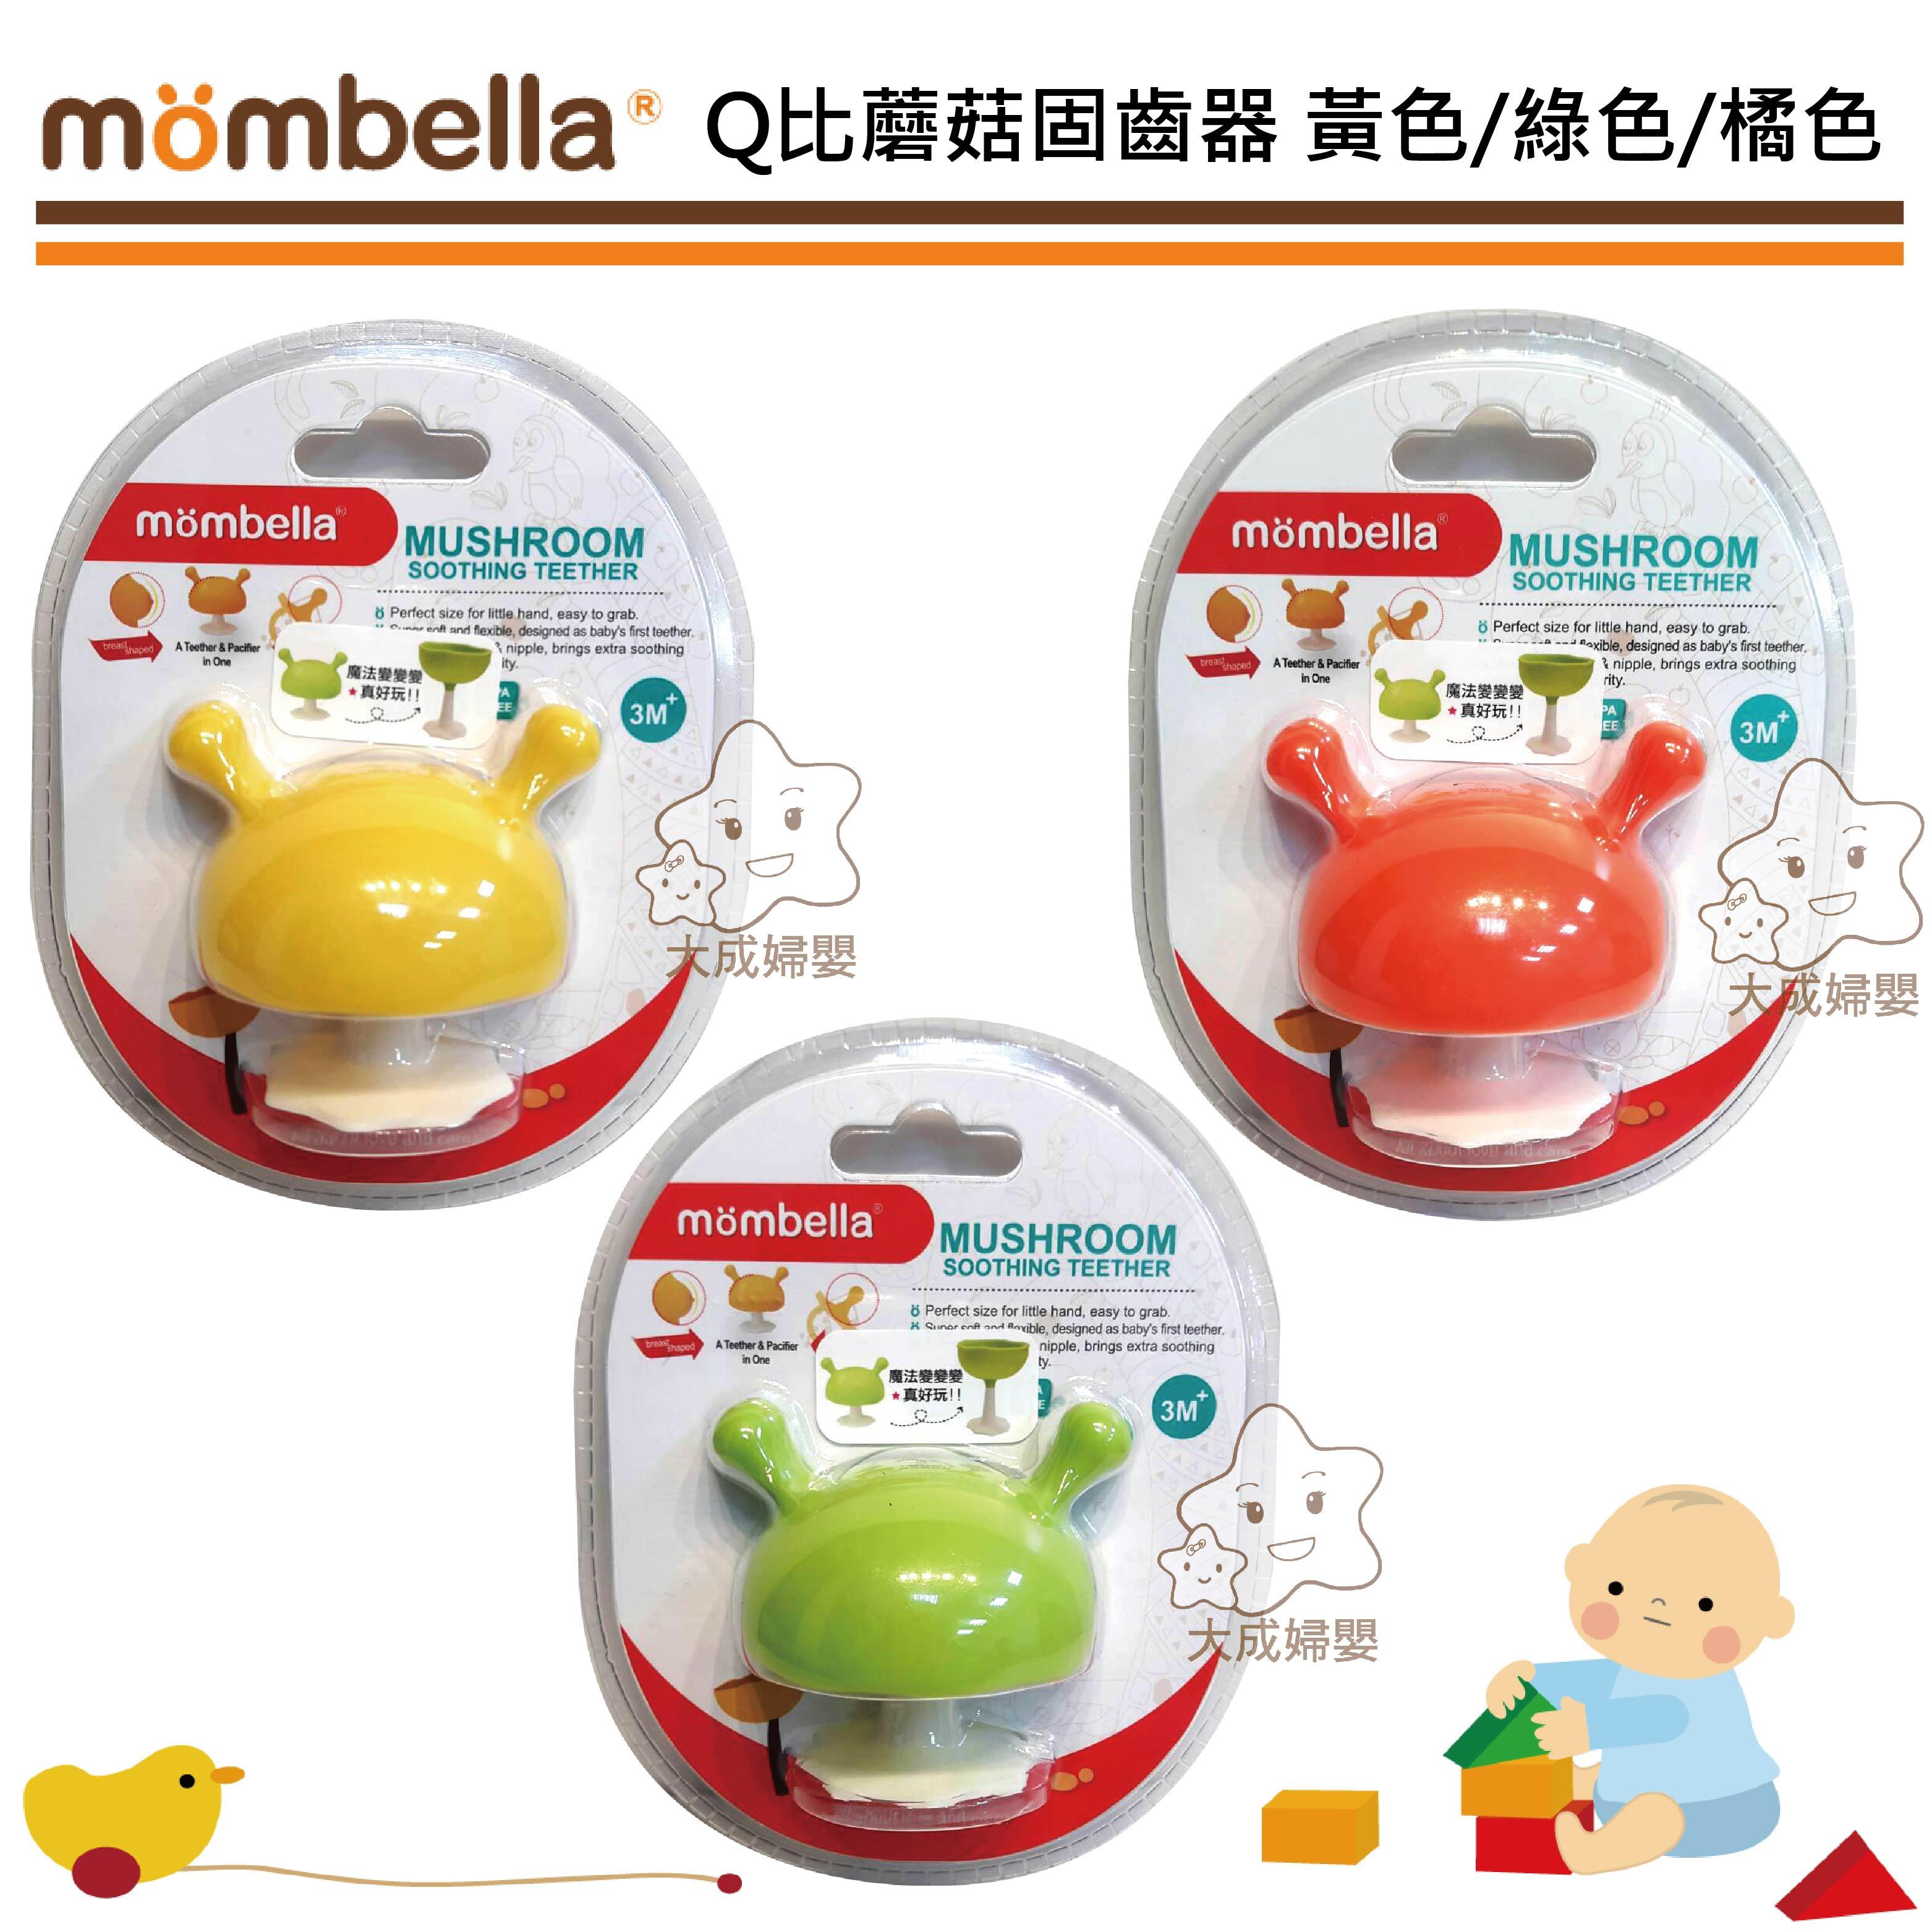 【大成婦嬰】Mombella 媽貝樂 Q比小蘑菇固齒器 0561 黃色/綠色/橘色